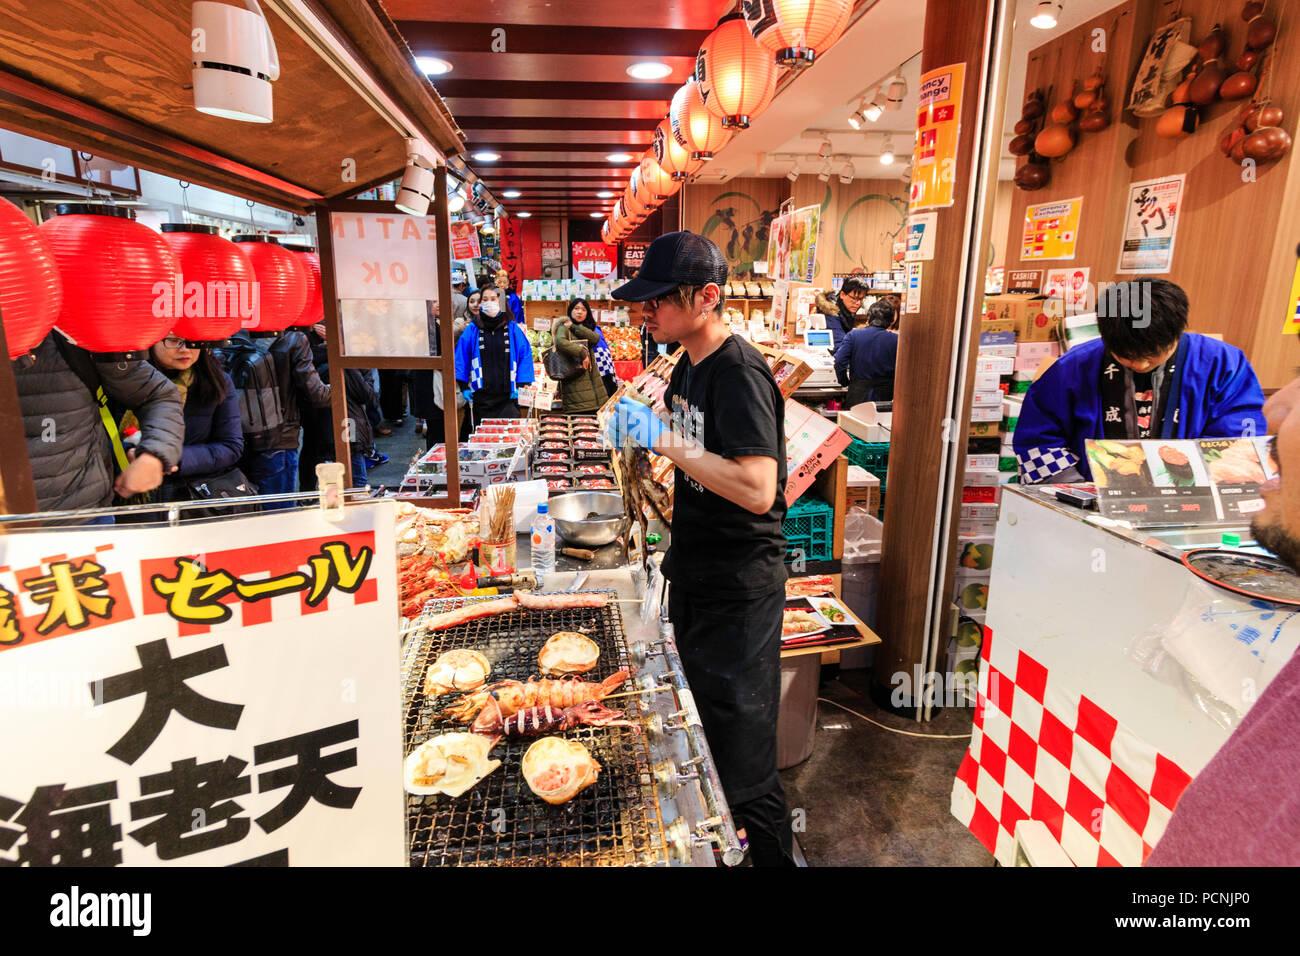 Kuromon Ichiba, marché alimentaire à Osaka. Des marchands de poisson magasin vendant des emballages, des fruits de mer et poissons cuits en-cas. L'homme déchire les jambes de crabe Photo Stock